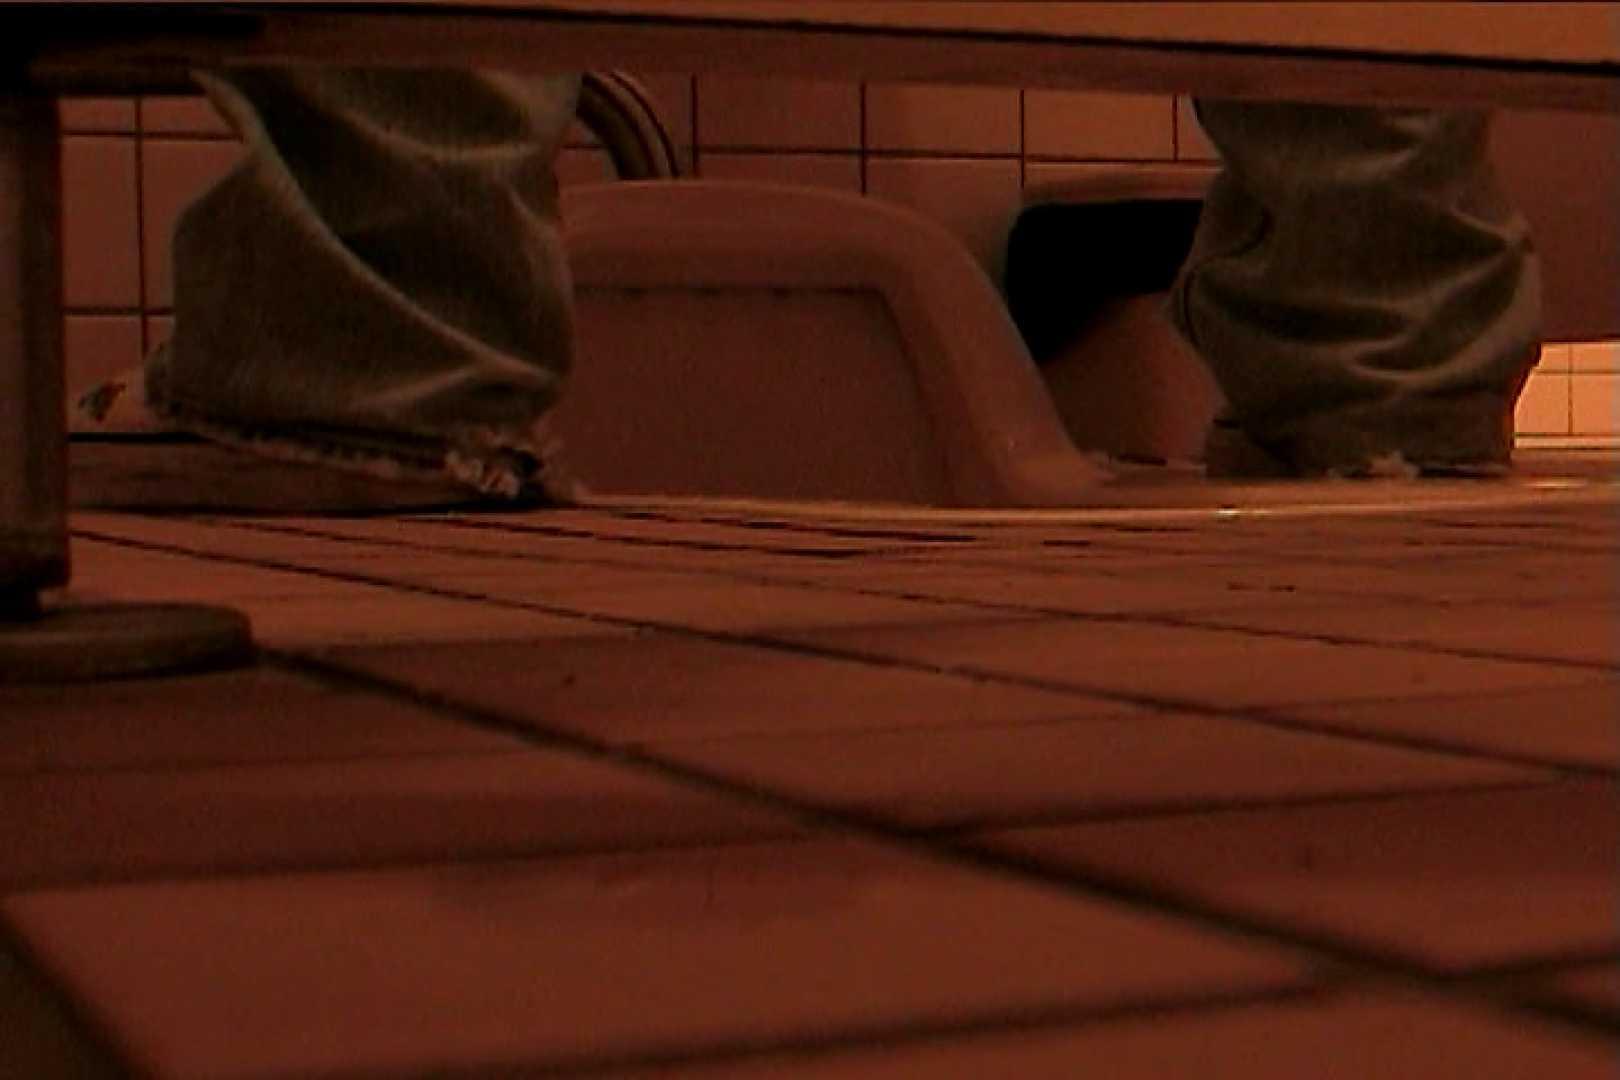 マンコ丸見え女子洗面所Vol.43 マンコ・ムレムレ | 美しいOLの裸体  77pic 77